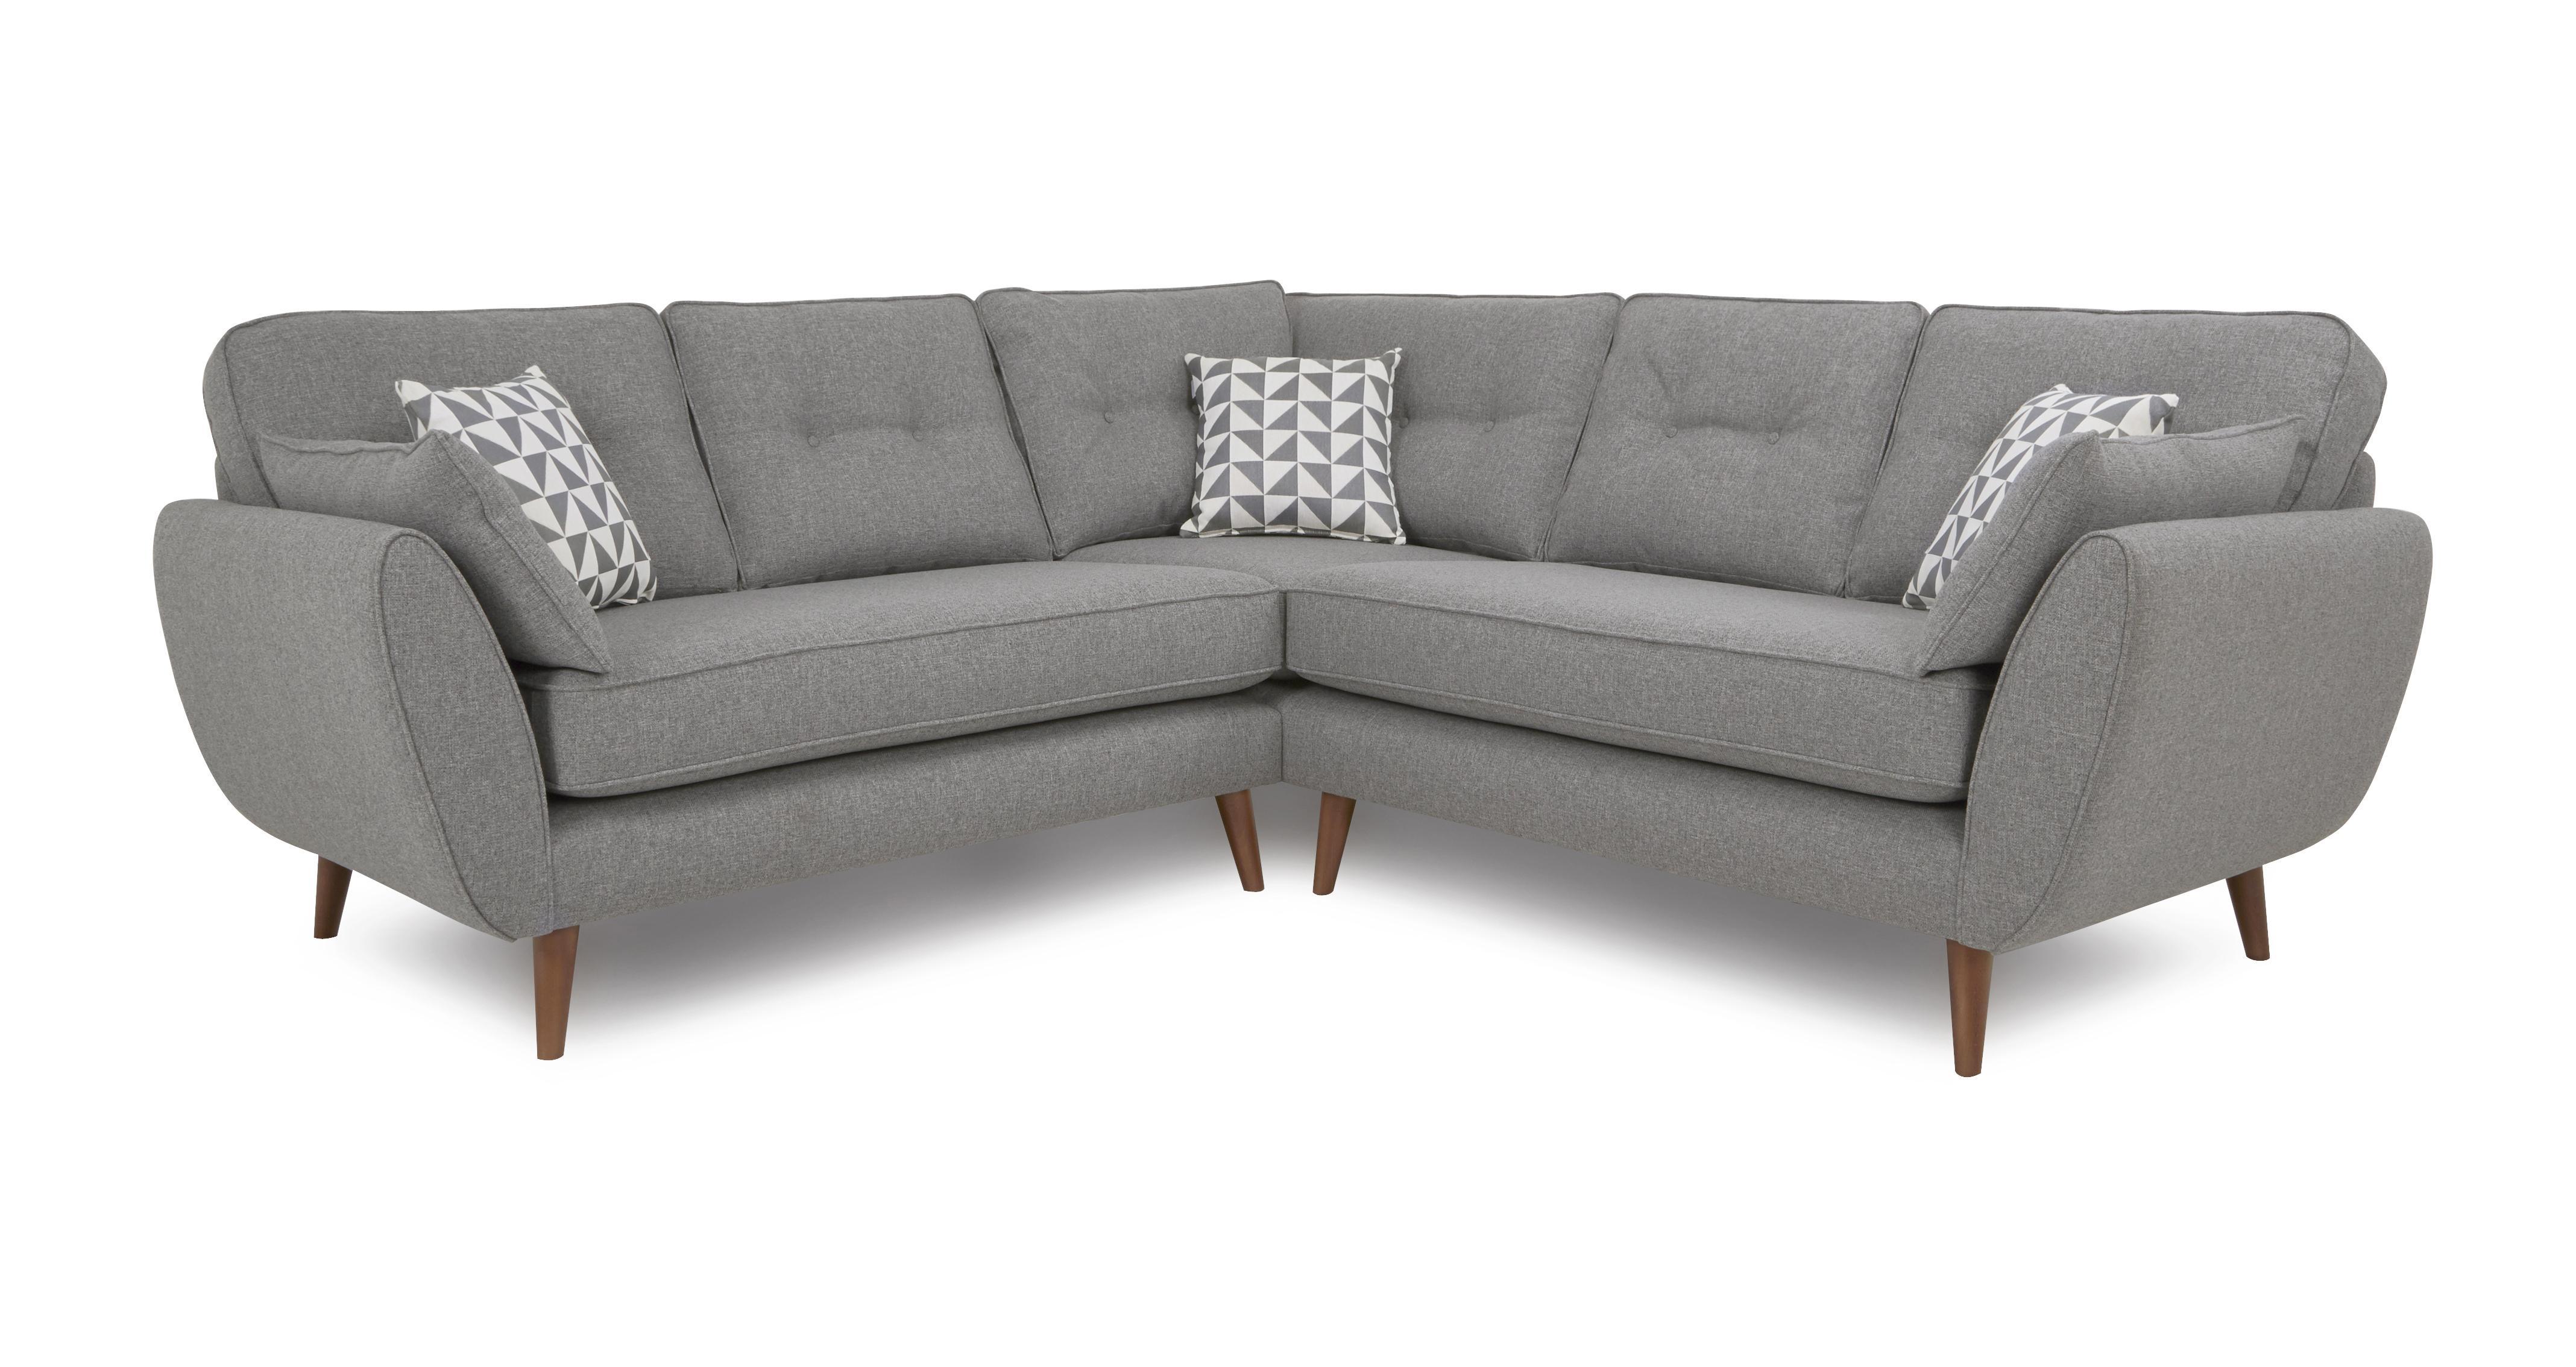 sofa dfs zinc. Black Bedroom Furniture Sets. Home Design Ideas